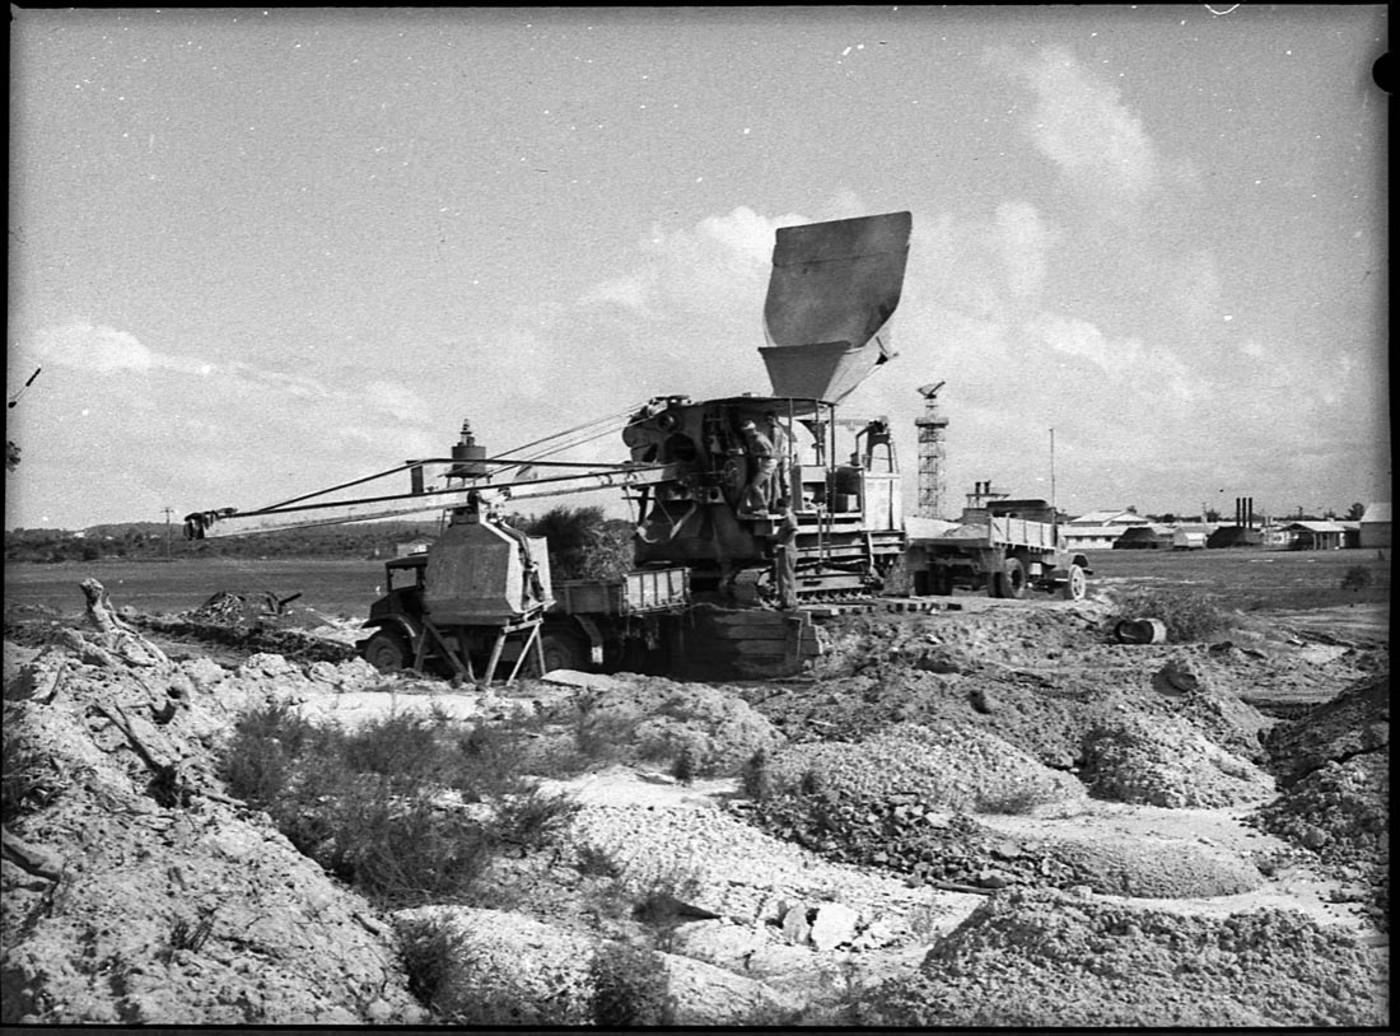 1950's photos